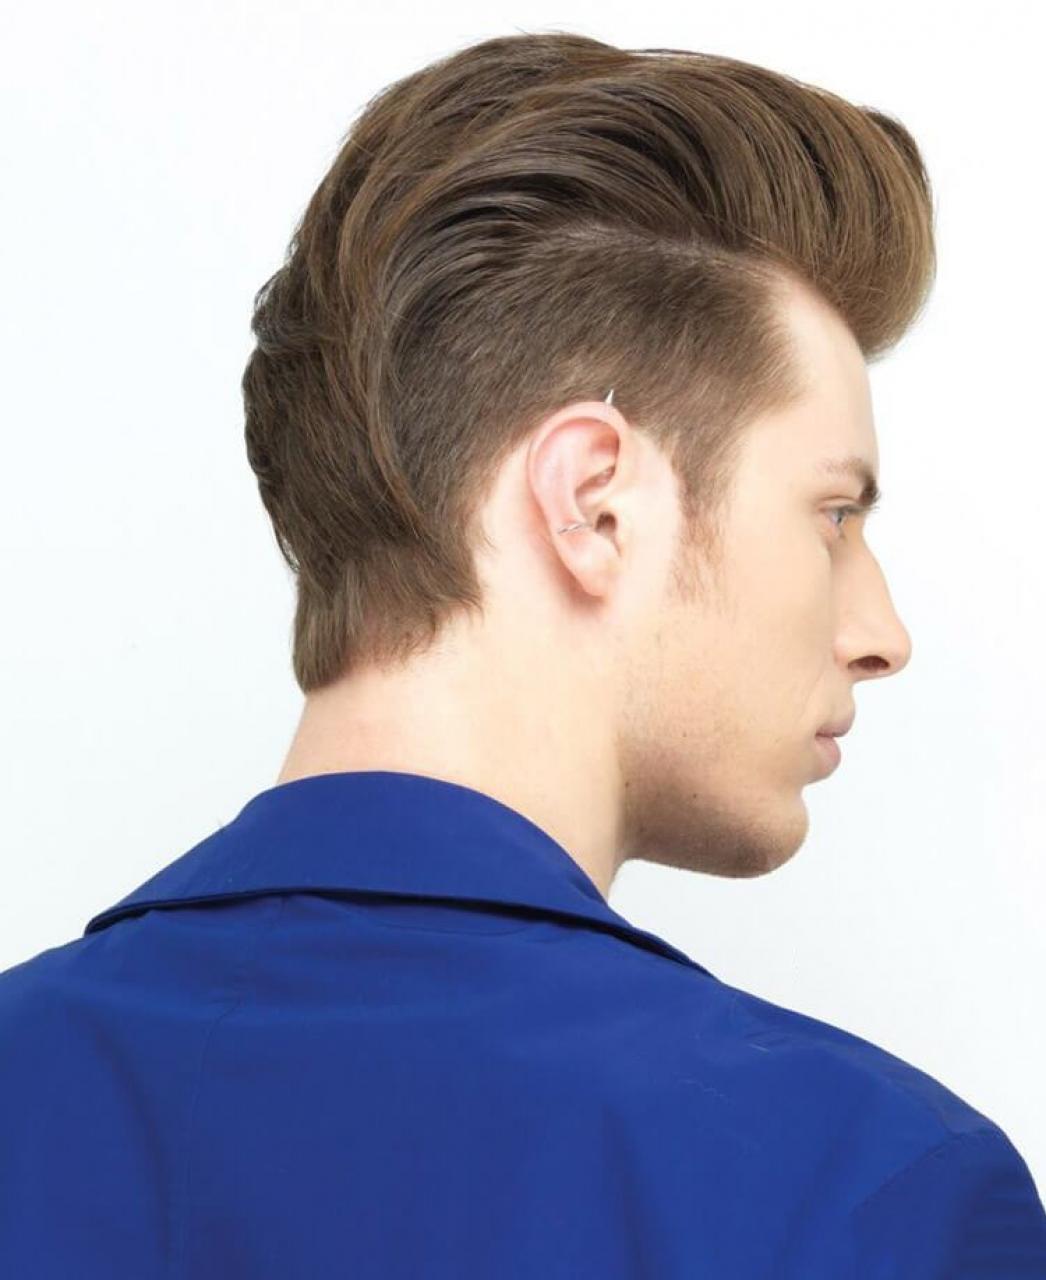 Kiểu tóc nam undercut cho mặt tròn mập đẹp nhất